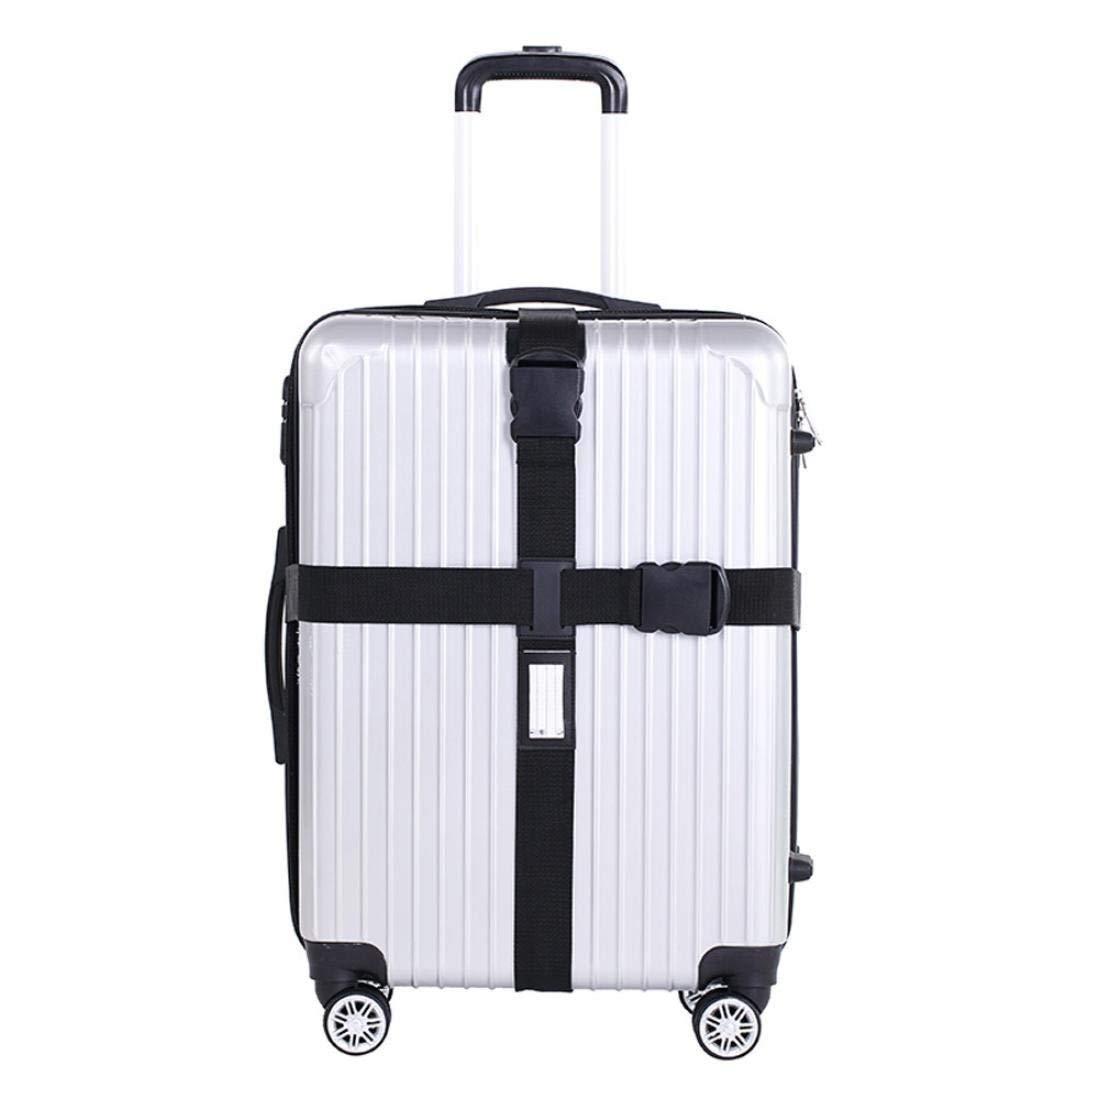 Li-ly Bagage de Voyage Sangle Valise Bagage Bagage Emballage s/écuris/é Ceinture en m/étal Fermoir Ceinture Durable et Pratique